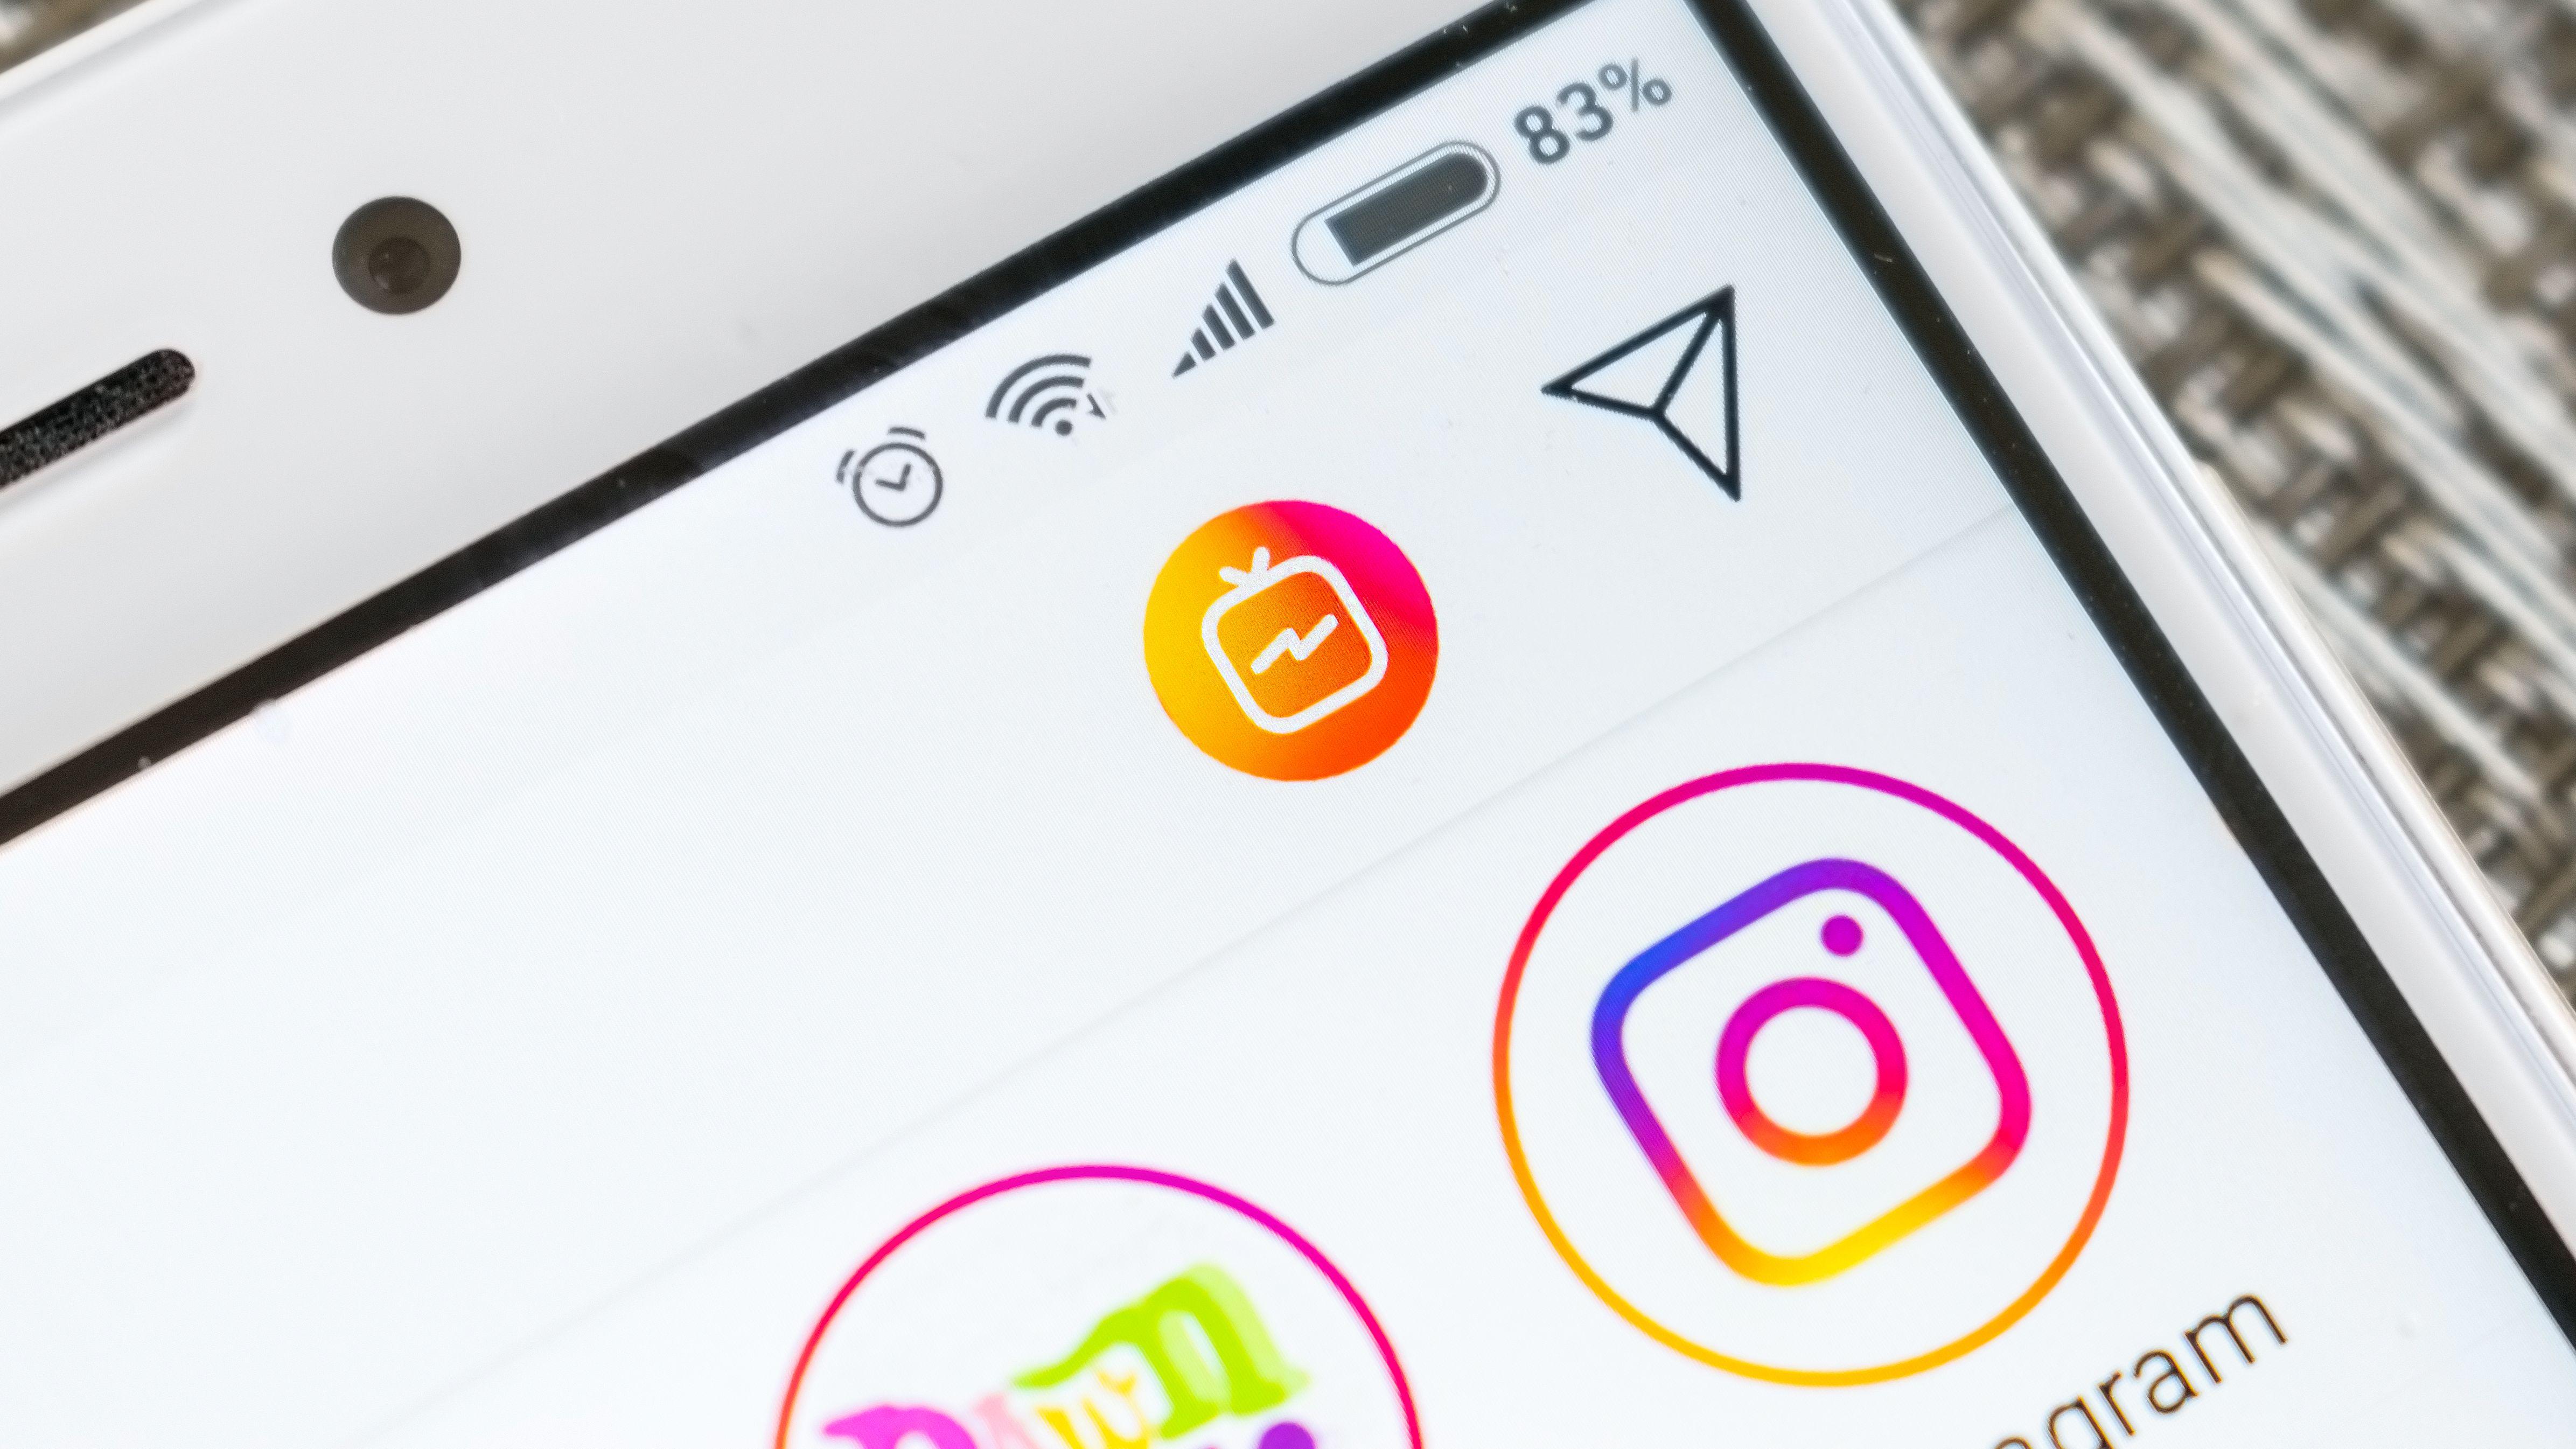 Come scaricare i video di Instagram sul mio PC? 1